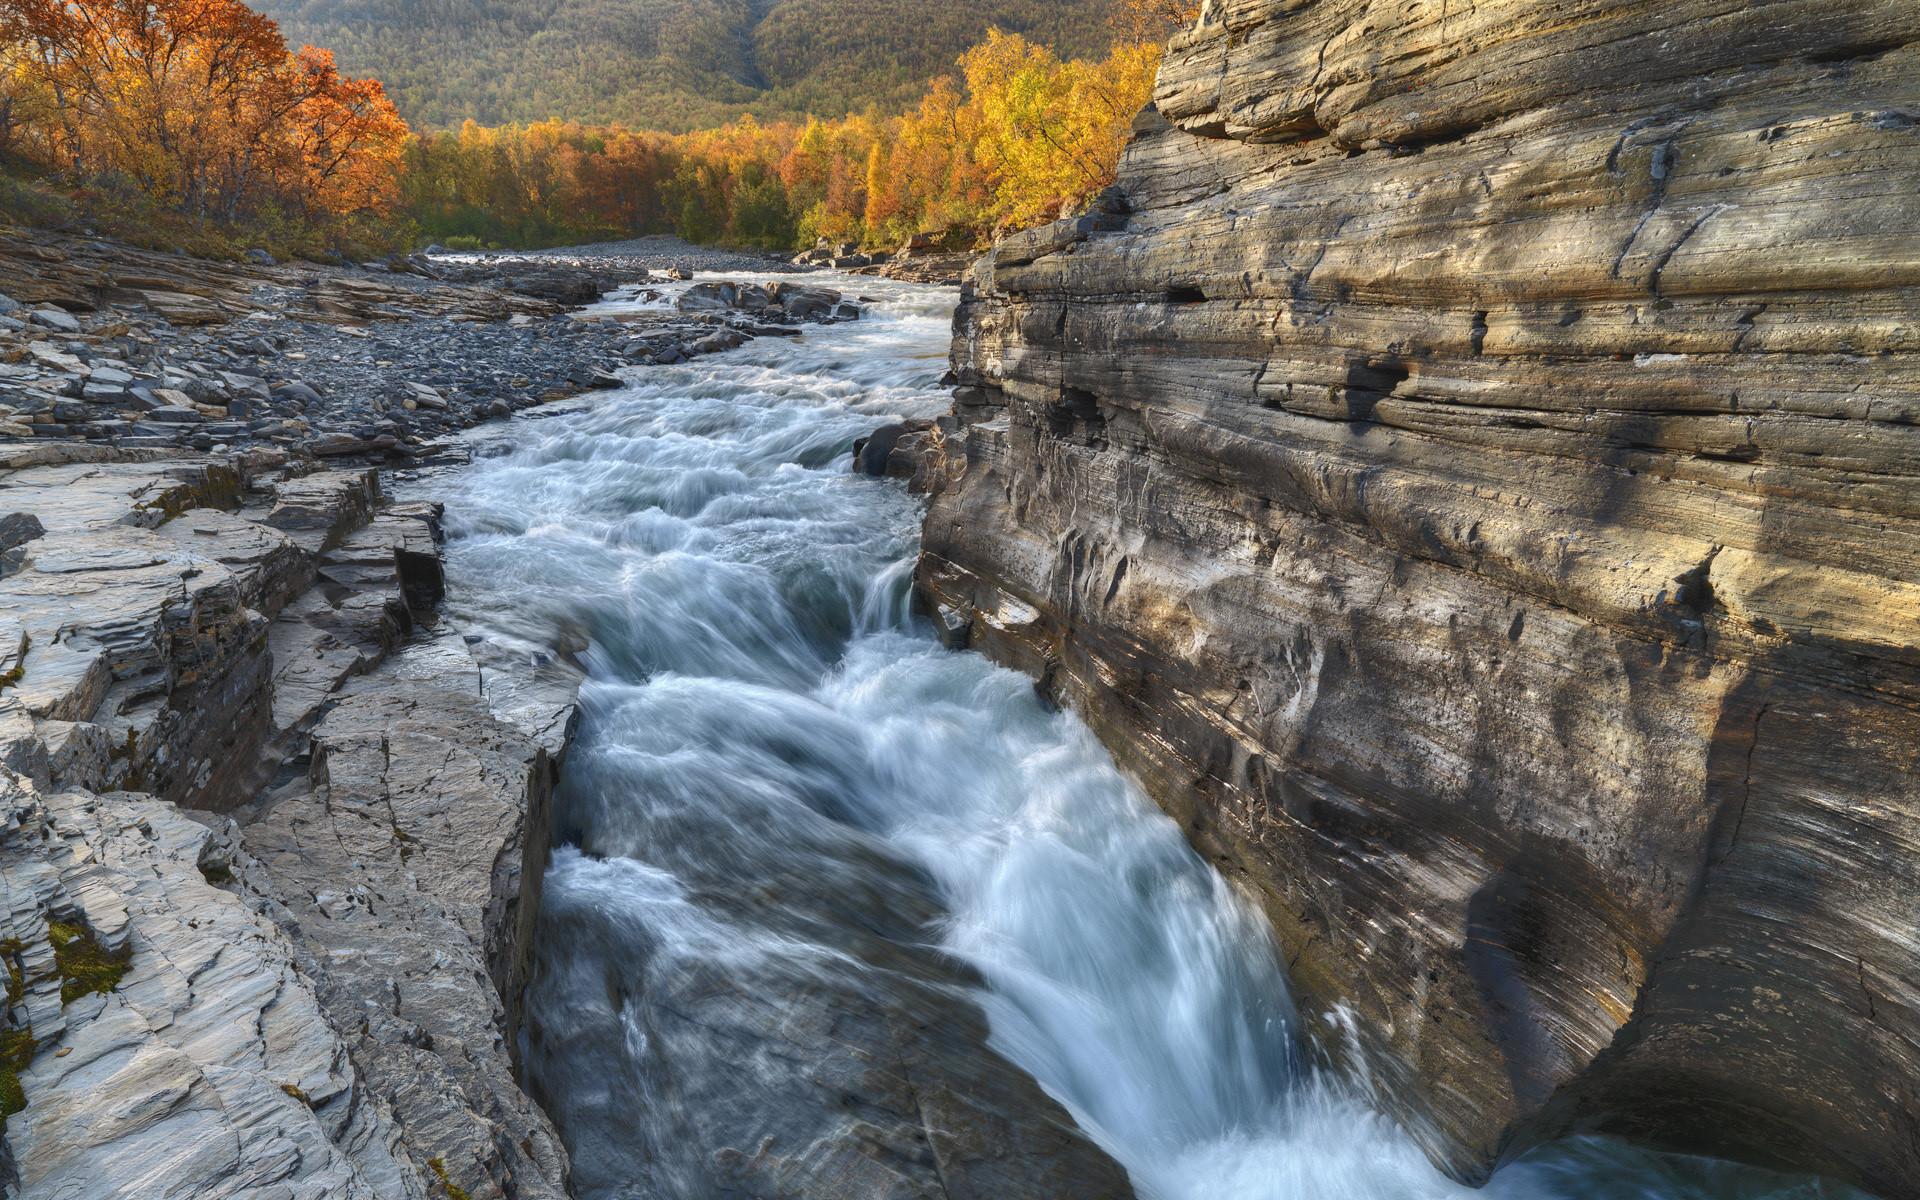 Sweden river rock fall autumn fall forest wallpaper